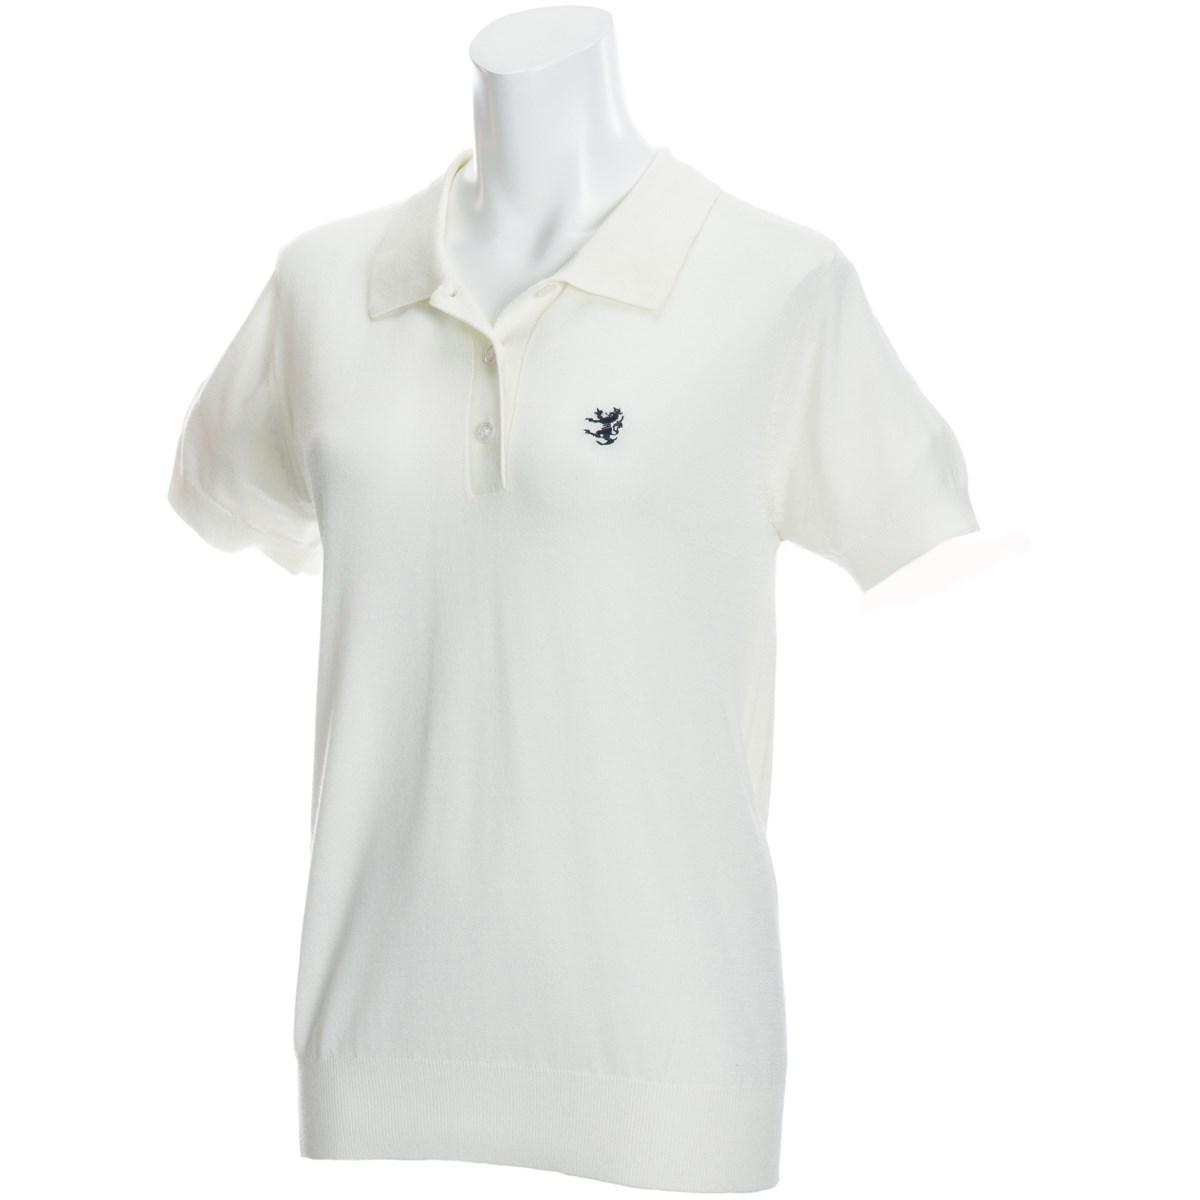 アドミラル Admiral ニット 半袖ポロシャツ S ホワイト 00 レディス